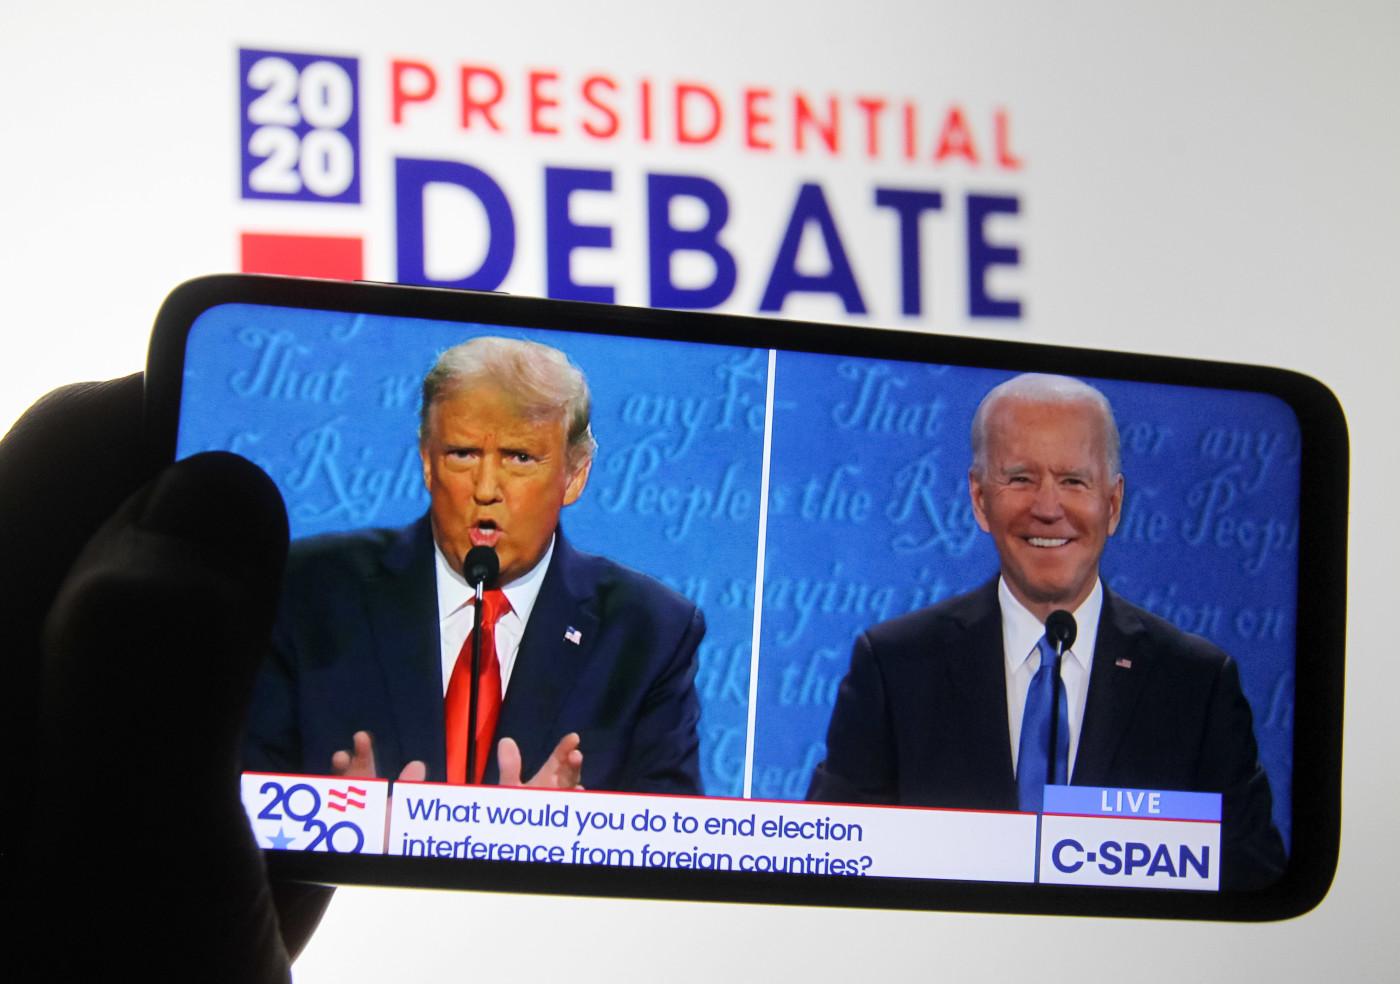 Final 2020 Presidential Debate